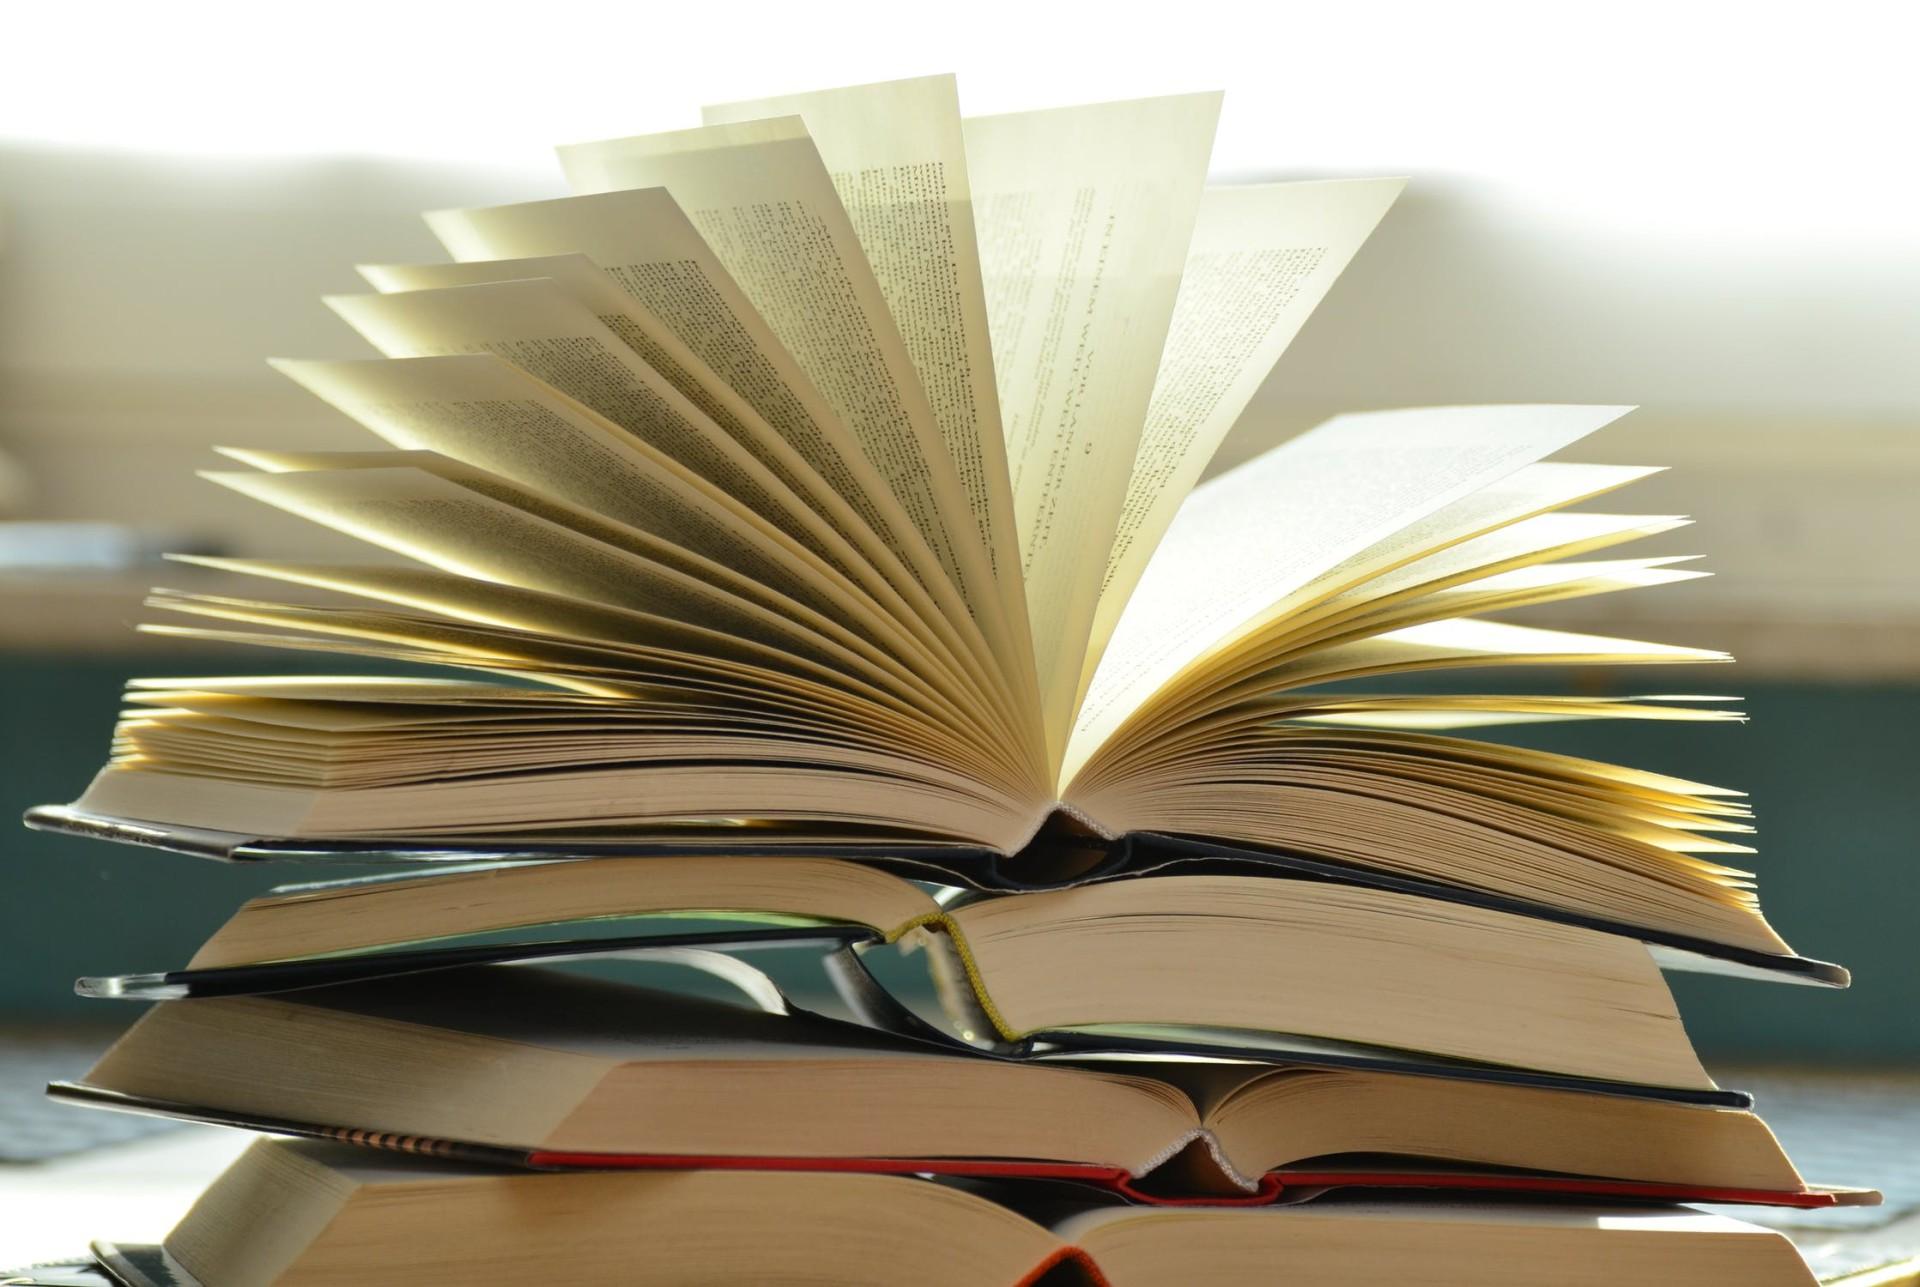 Bücher, Seiten, Schrift, Buchstaben